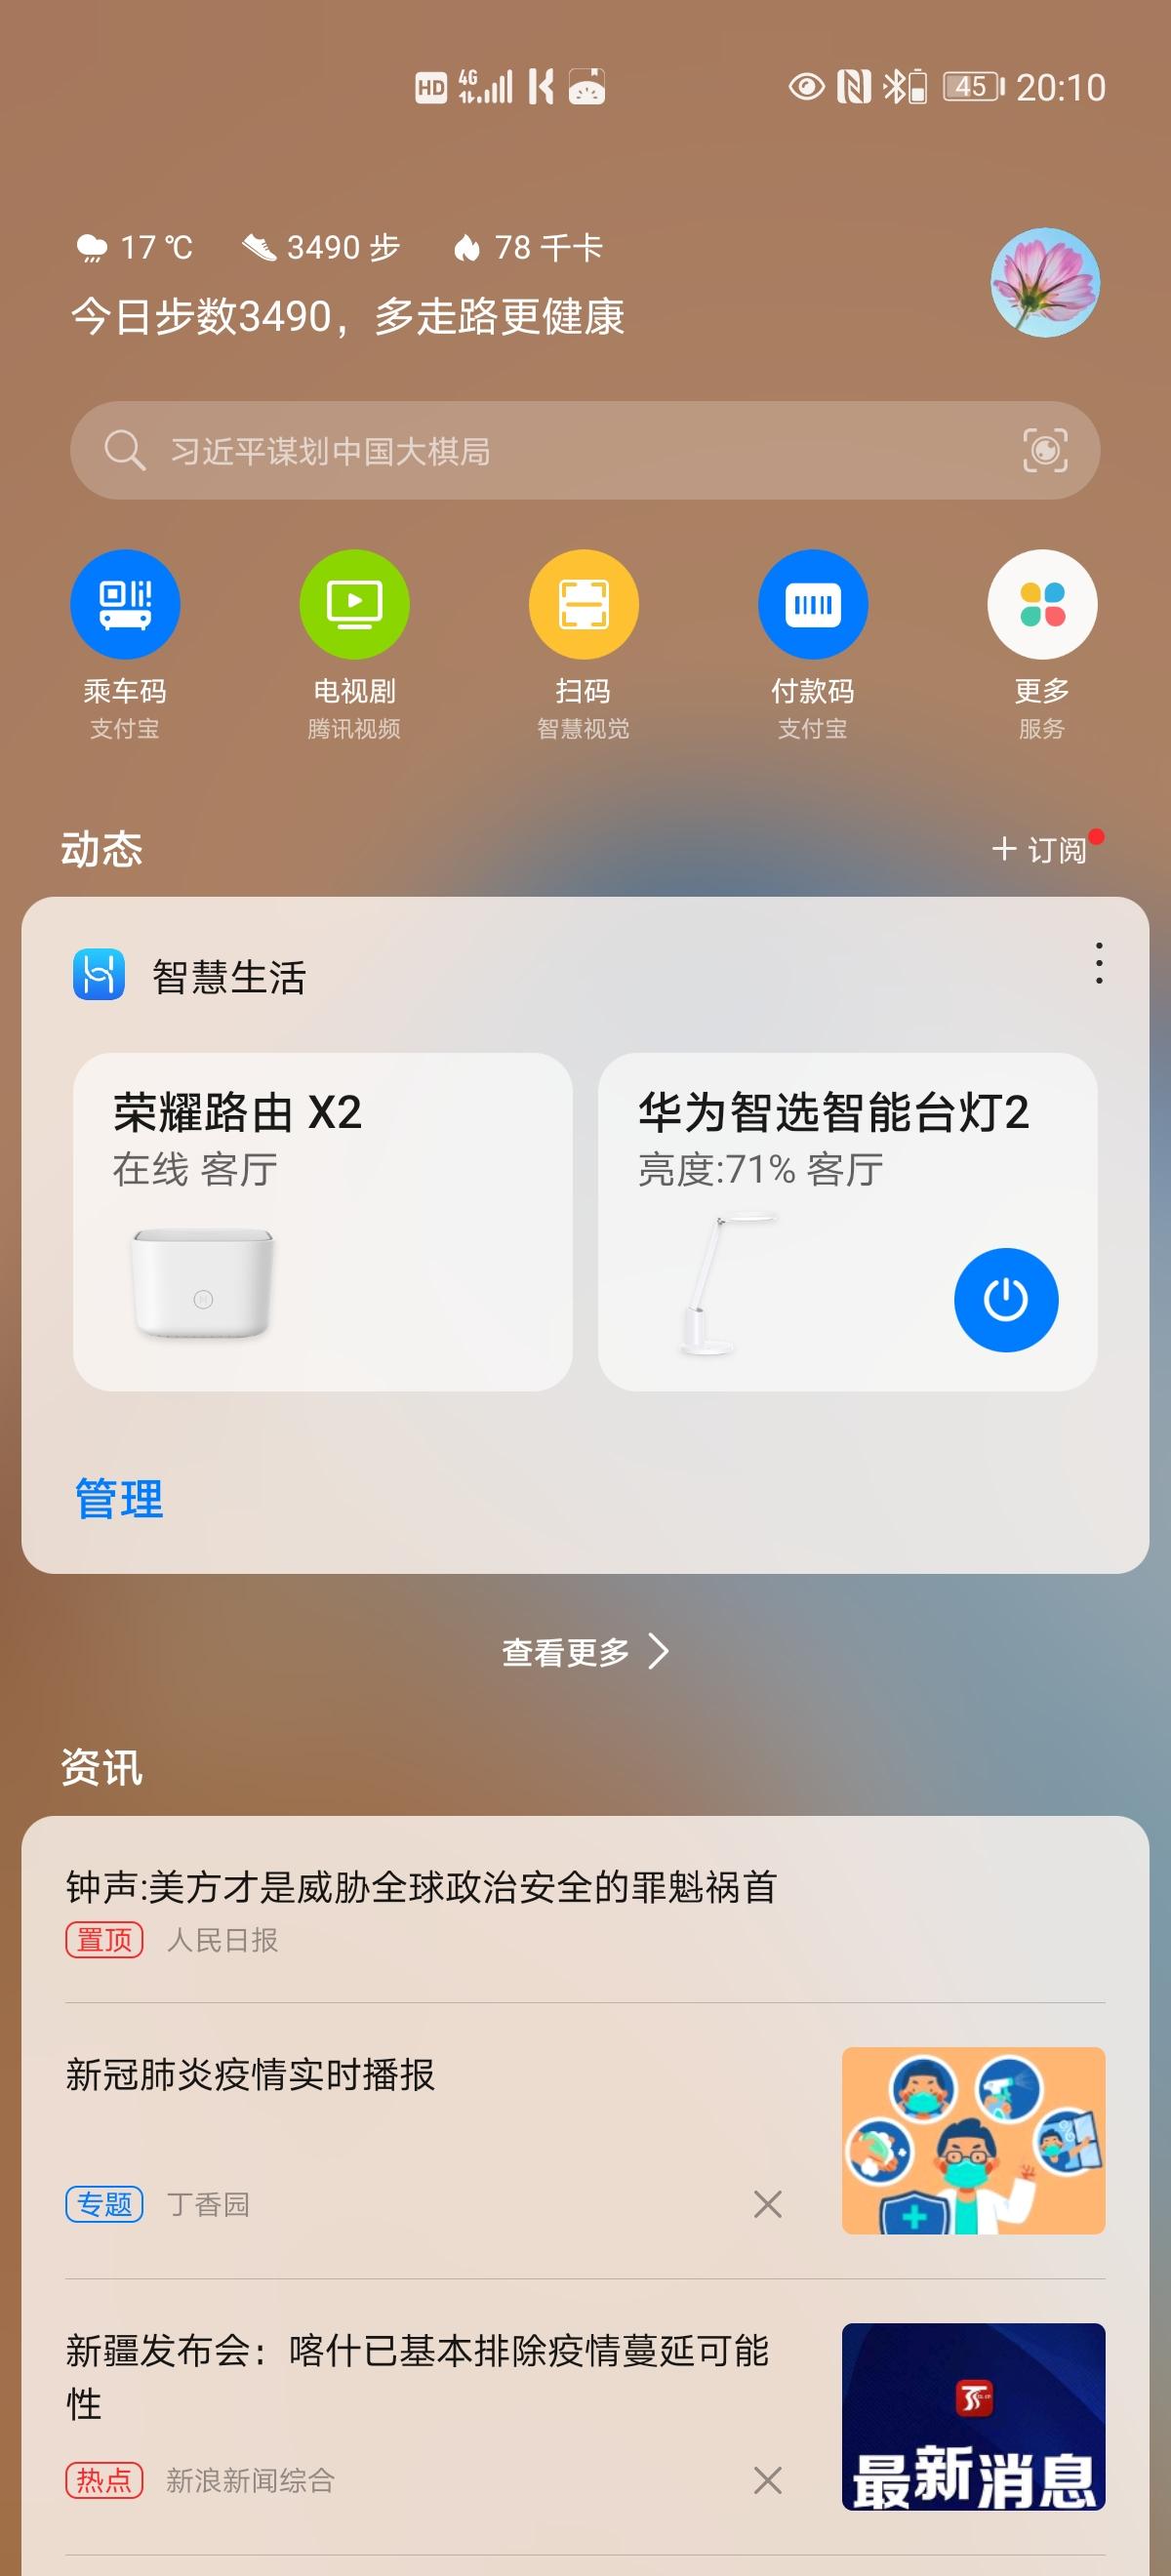 Screenshot_20201028_201010_com.huawei.android.launcher.jpg